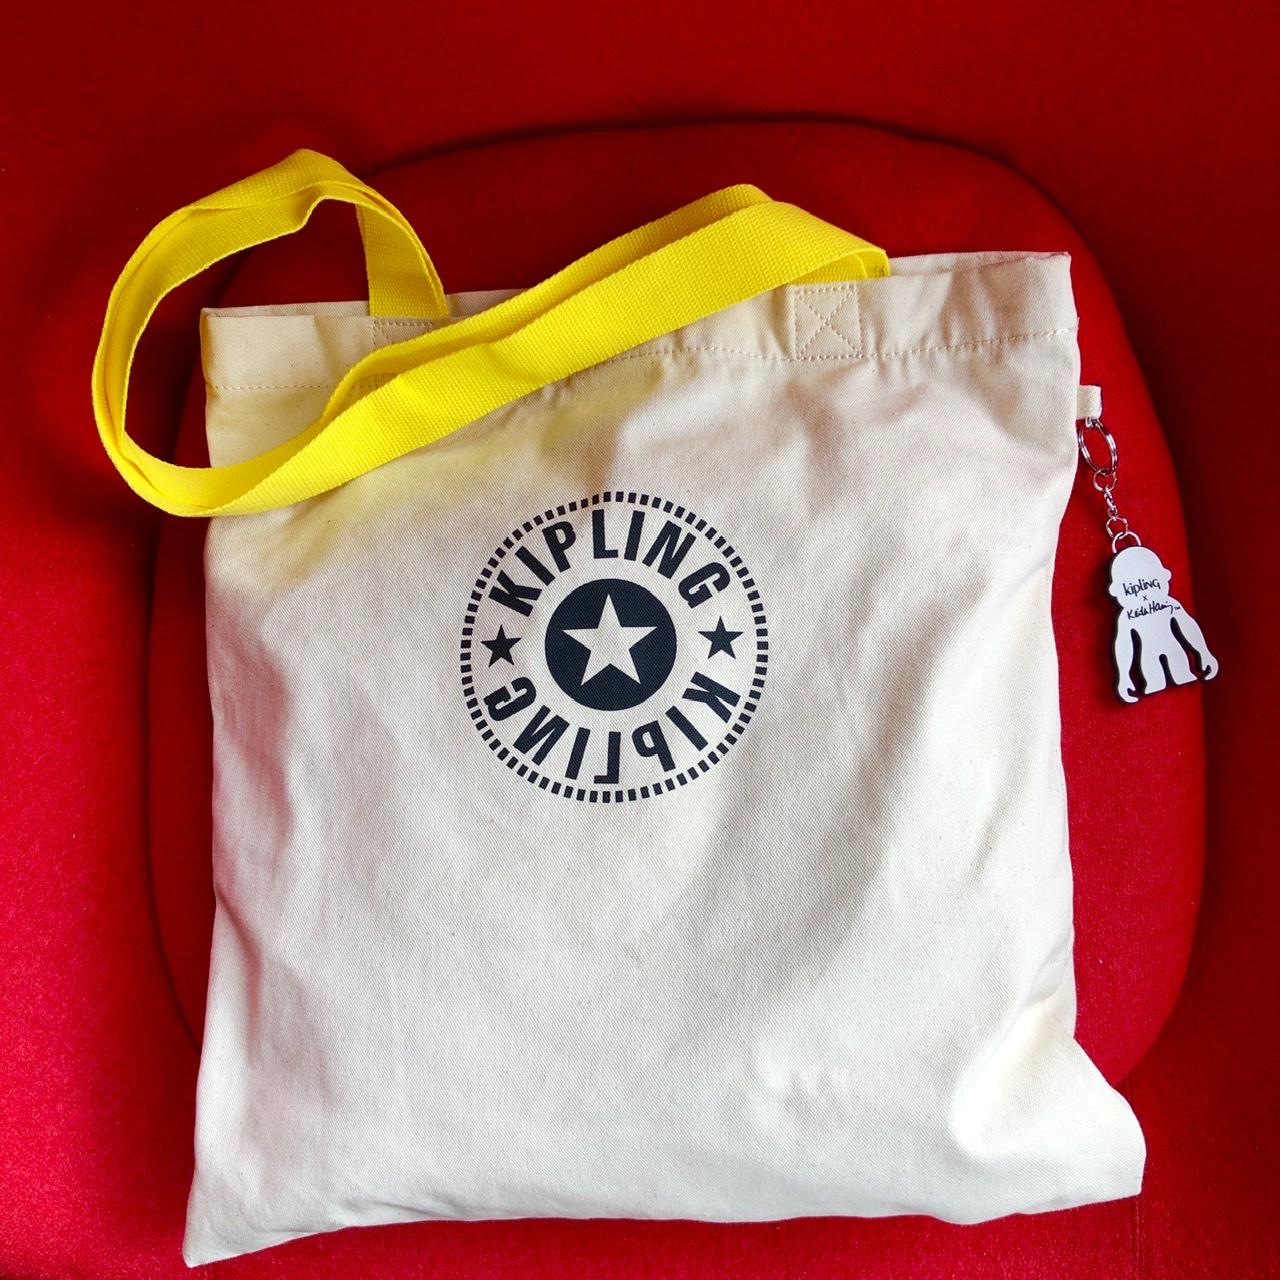 【キプリング】カフェでのリモートワークの必需品!なんでもすっぽり入って持ちやすいバッグって?♡_3